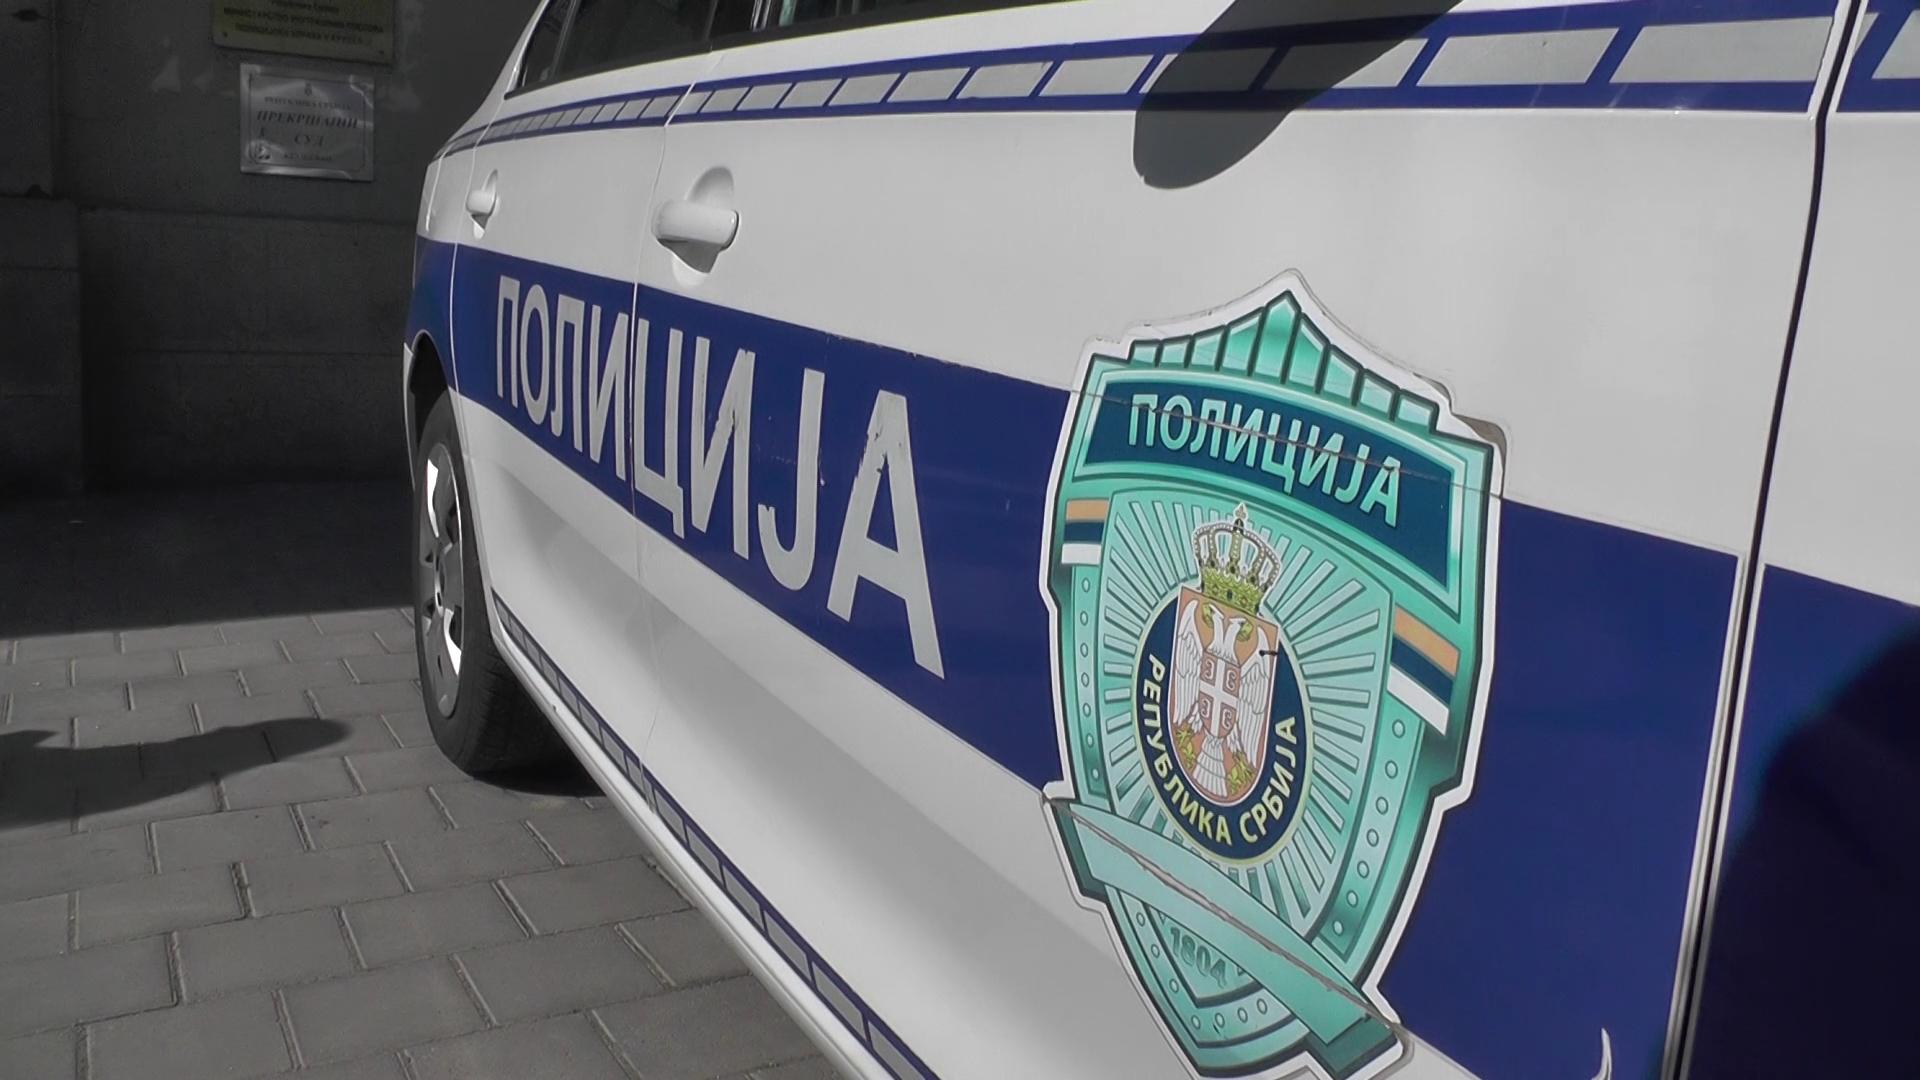 Pripadnici PU Kruševac uhapsili su S.G. (1993) zbog postojanja osnova sumnje da je izvršio krivično delo ubistvo u pokušaju